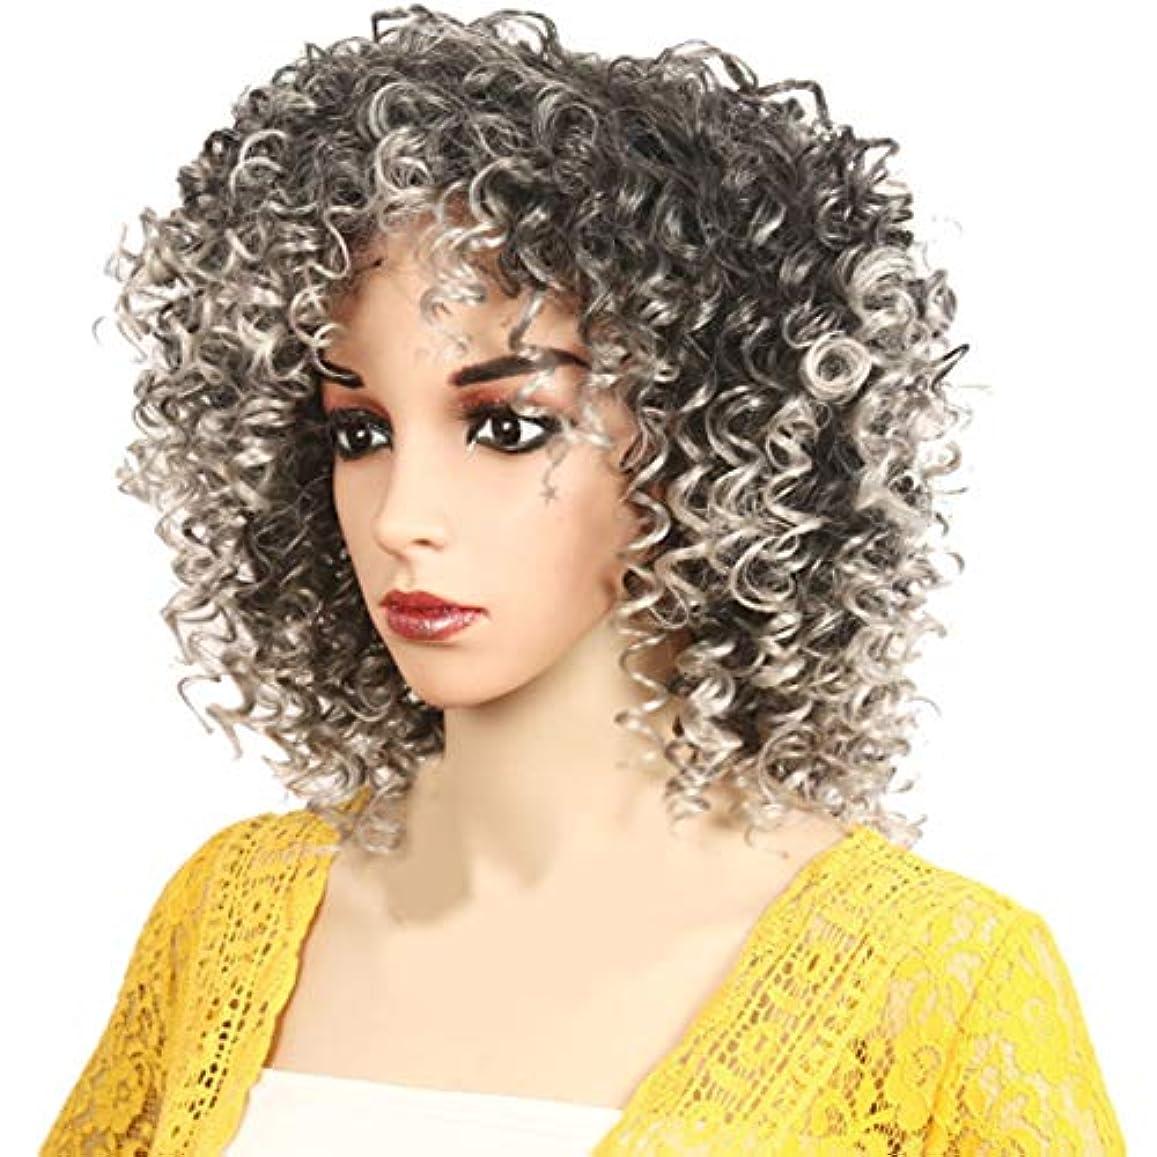 品どれ禁輸アフリカの黒人女性のかつら短い巻き毛のかつらふわふわ自然は低温二次形状で矯正することができます,Gray